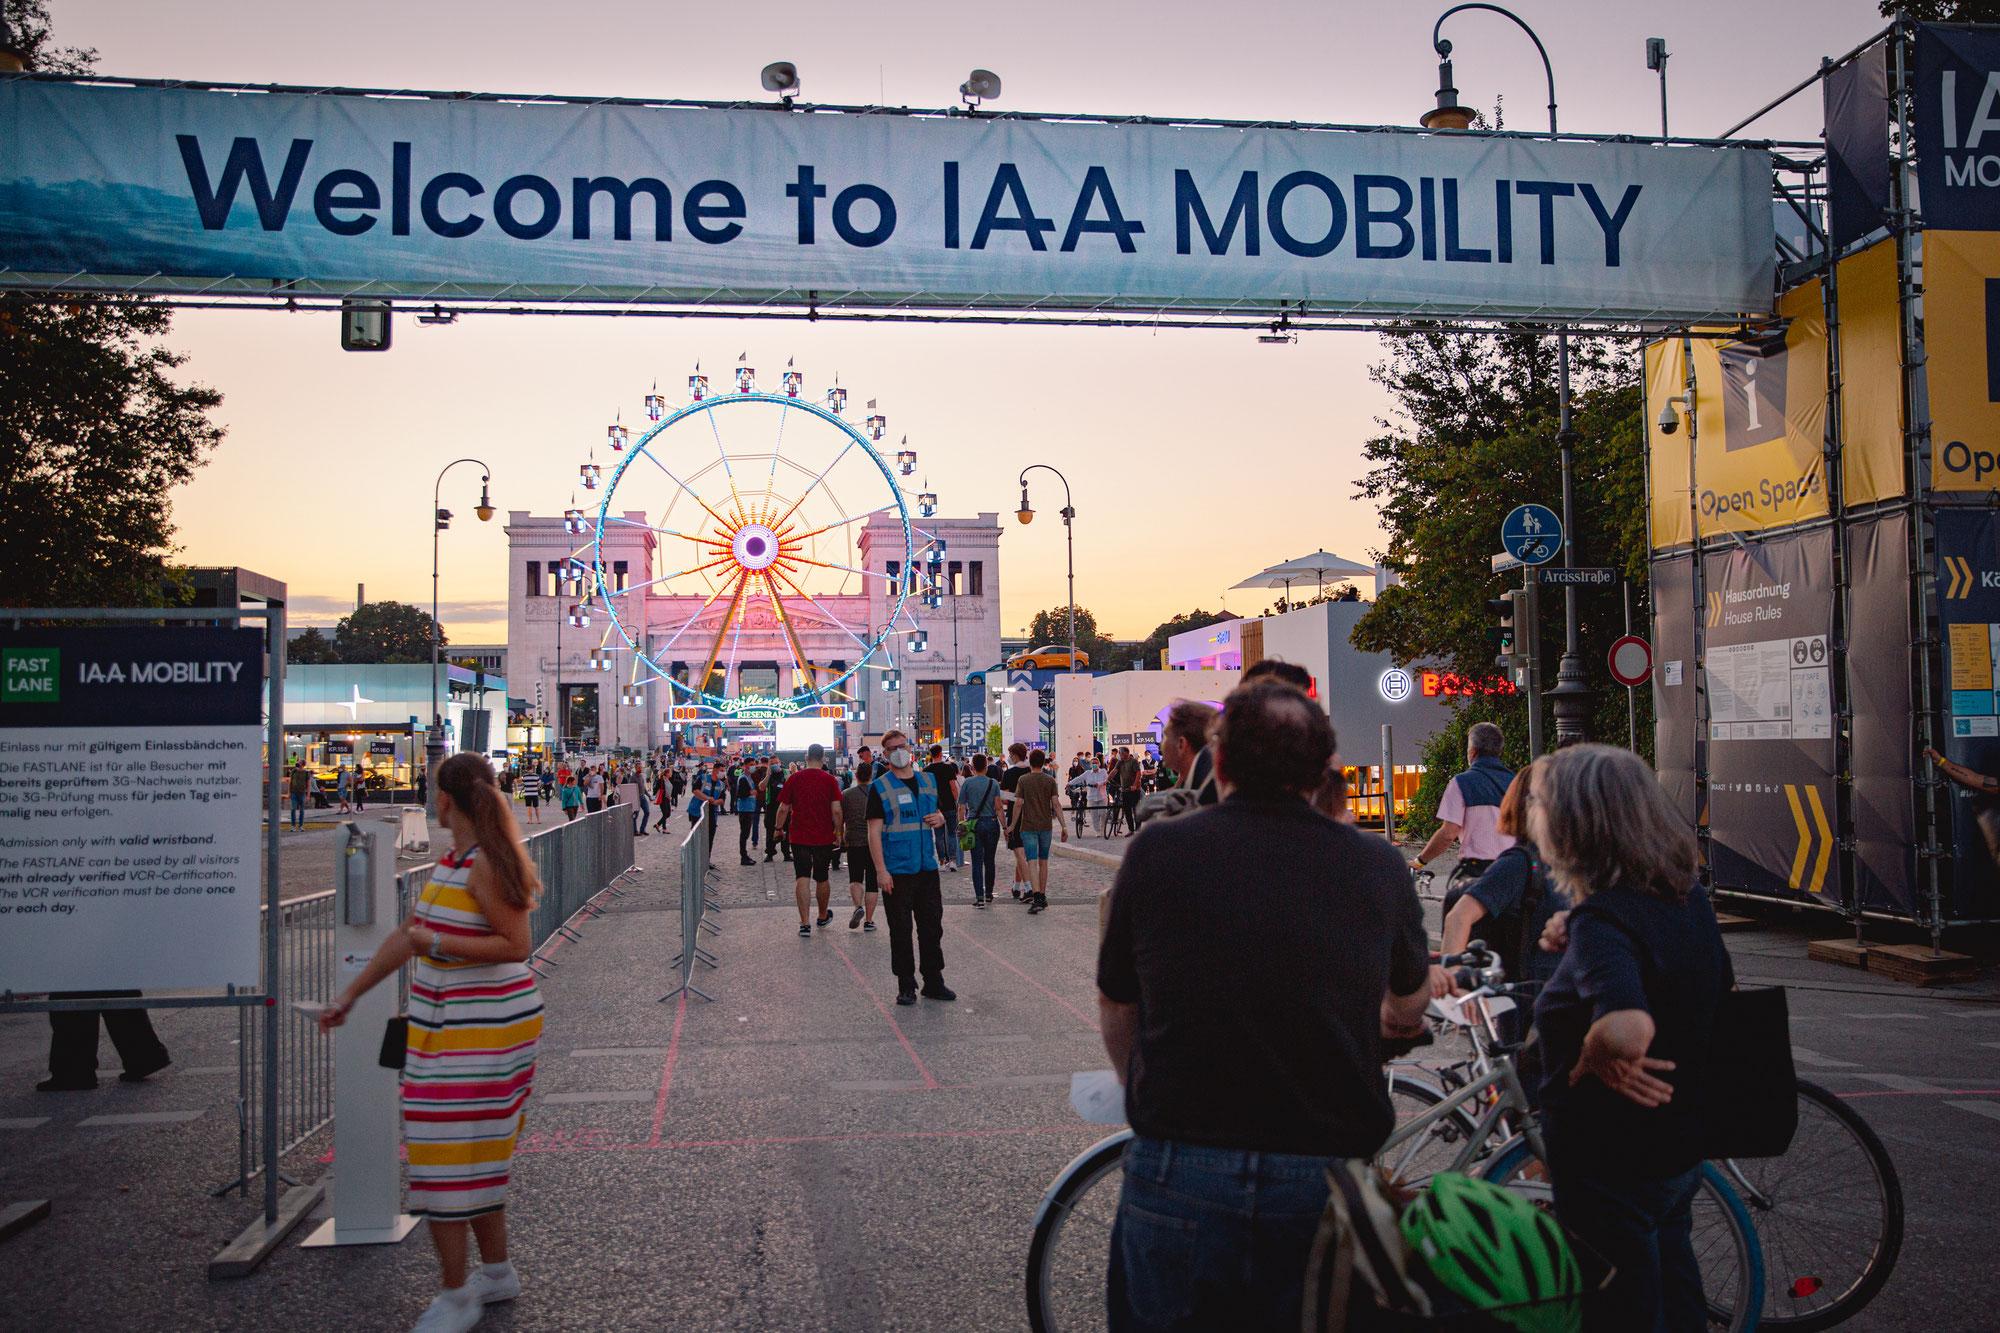 Die IAA MOBILITY 2021- Die Geburt einer neuen globalen Plattform für Fahrrad-Mobilität